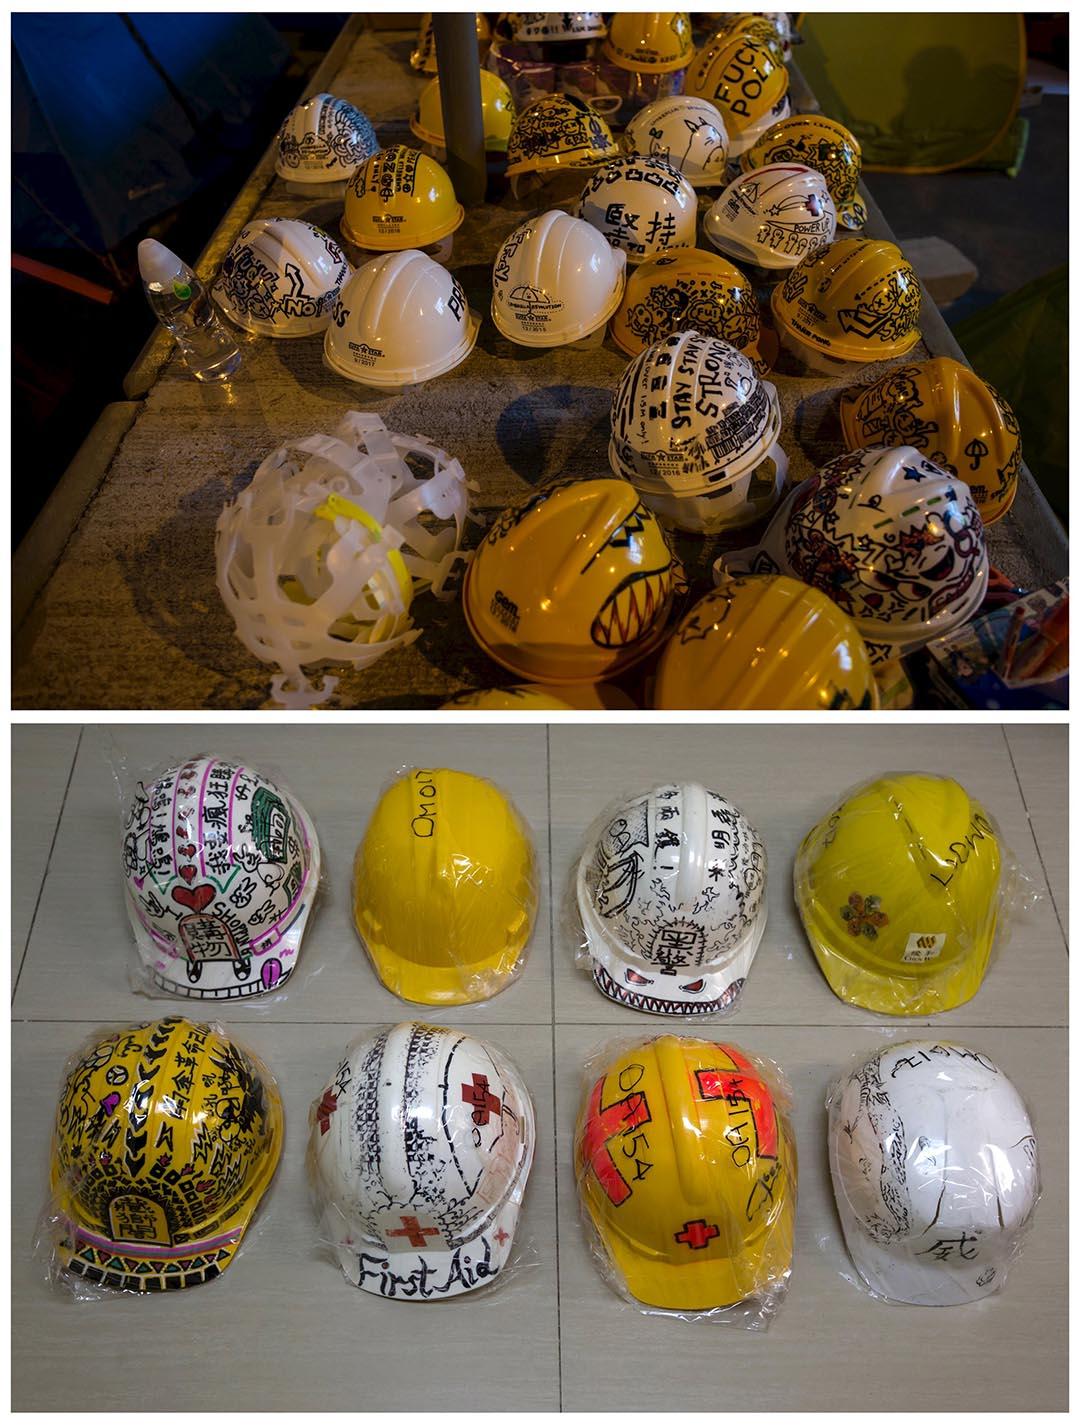 上圖攝於去年10月20日,在政府總部外擺放了一推示威者準備用於抗爭的頭盔。該批頭盔被示威者收藏,記者於今年9月23日為該批頭盔拍照。攝:Tyrone Siu/REUTERS